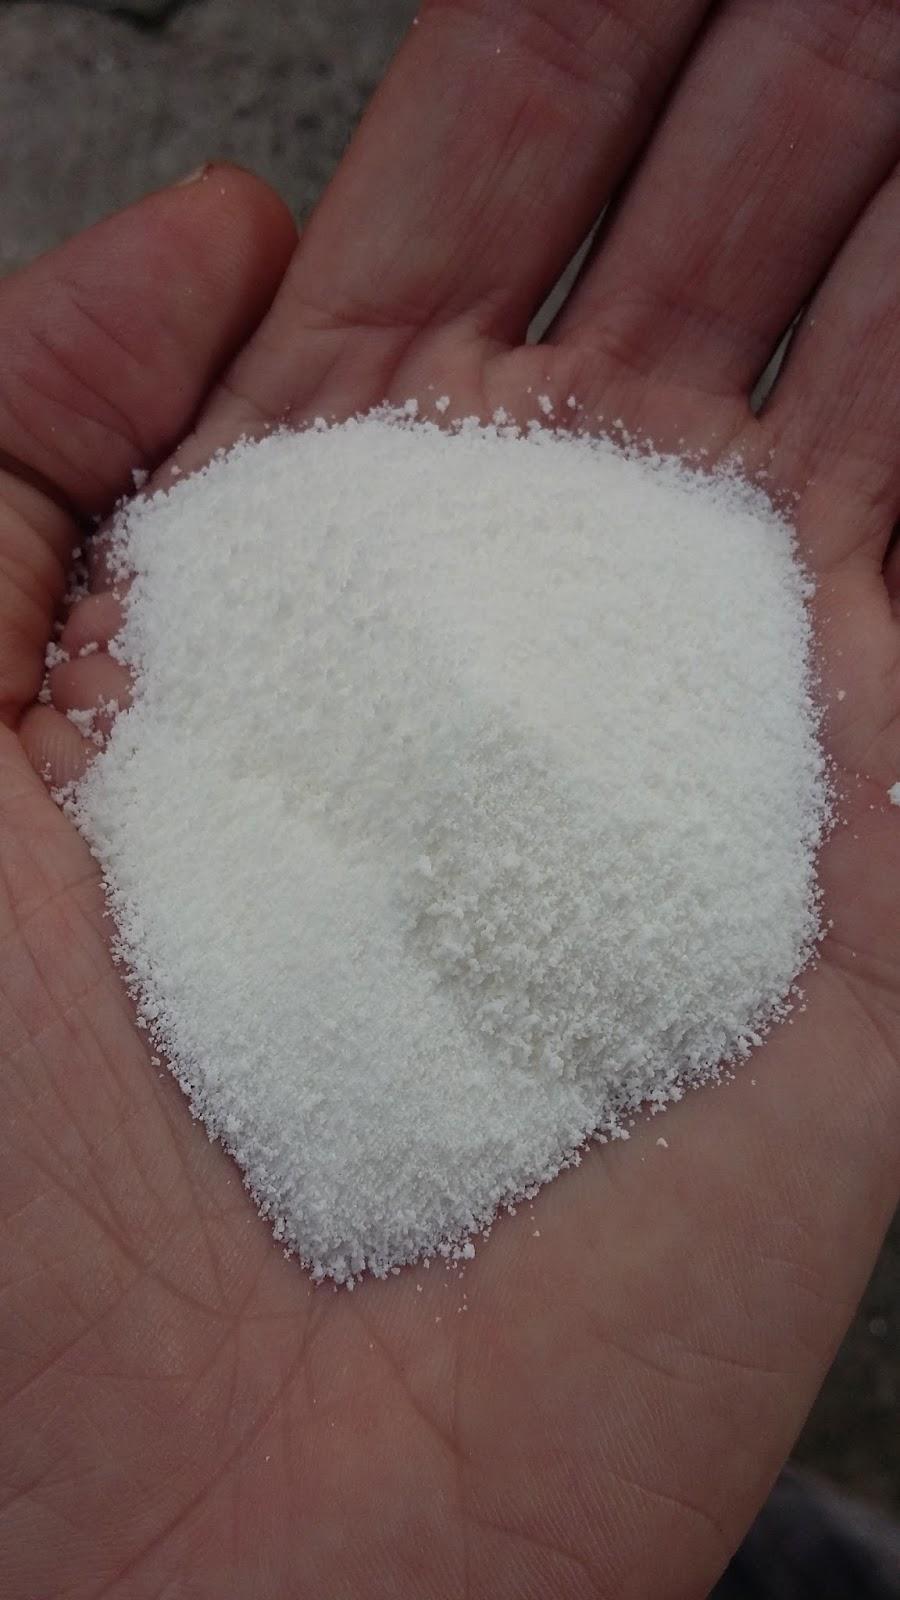 dieta para enfermos de acido urico acido urico alto gastroenteritis plantas medicinais para curar acido urico